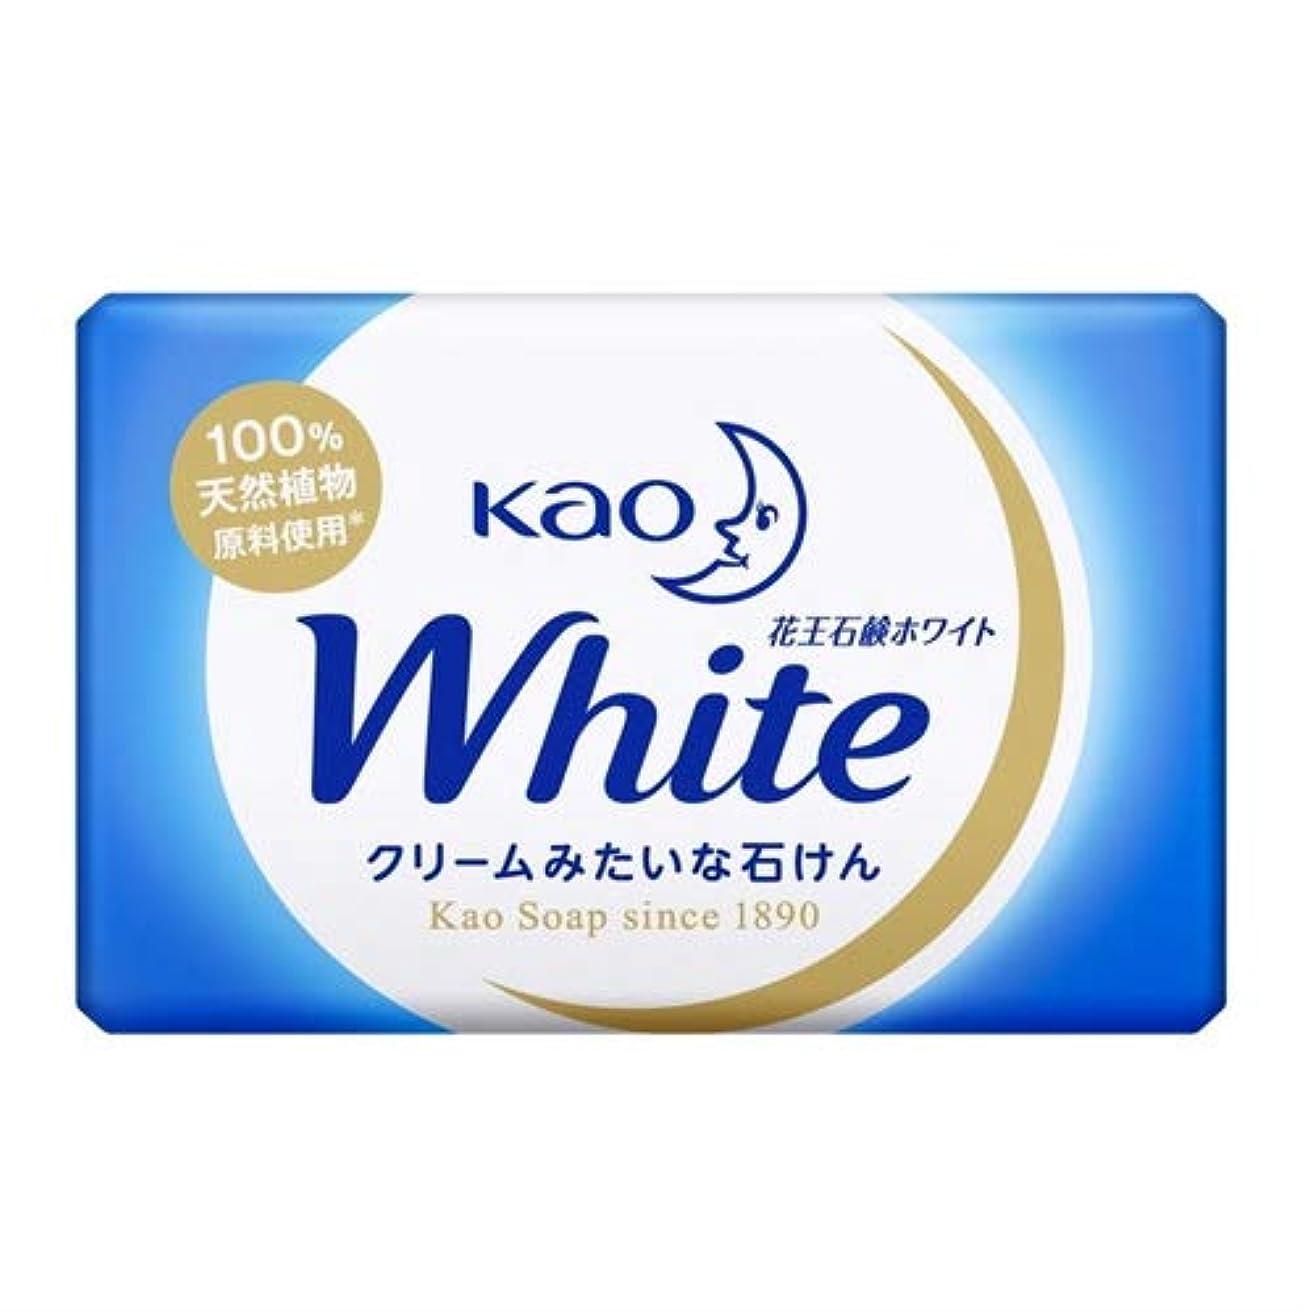 ささいな白鳥カリキュラム花王石鹸ホワイト 業務用ミニサイズ 15g × 10個セット